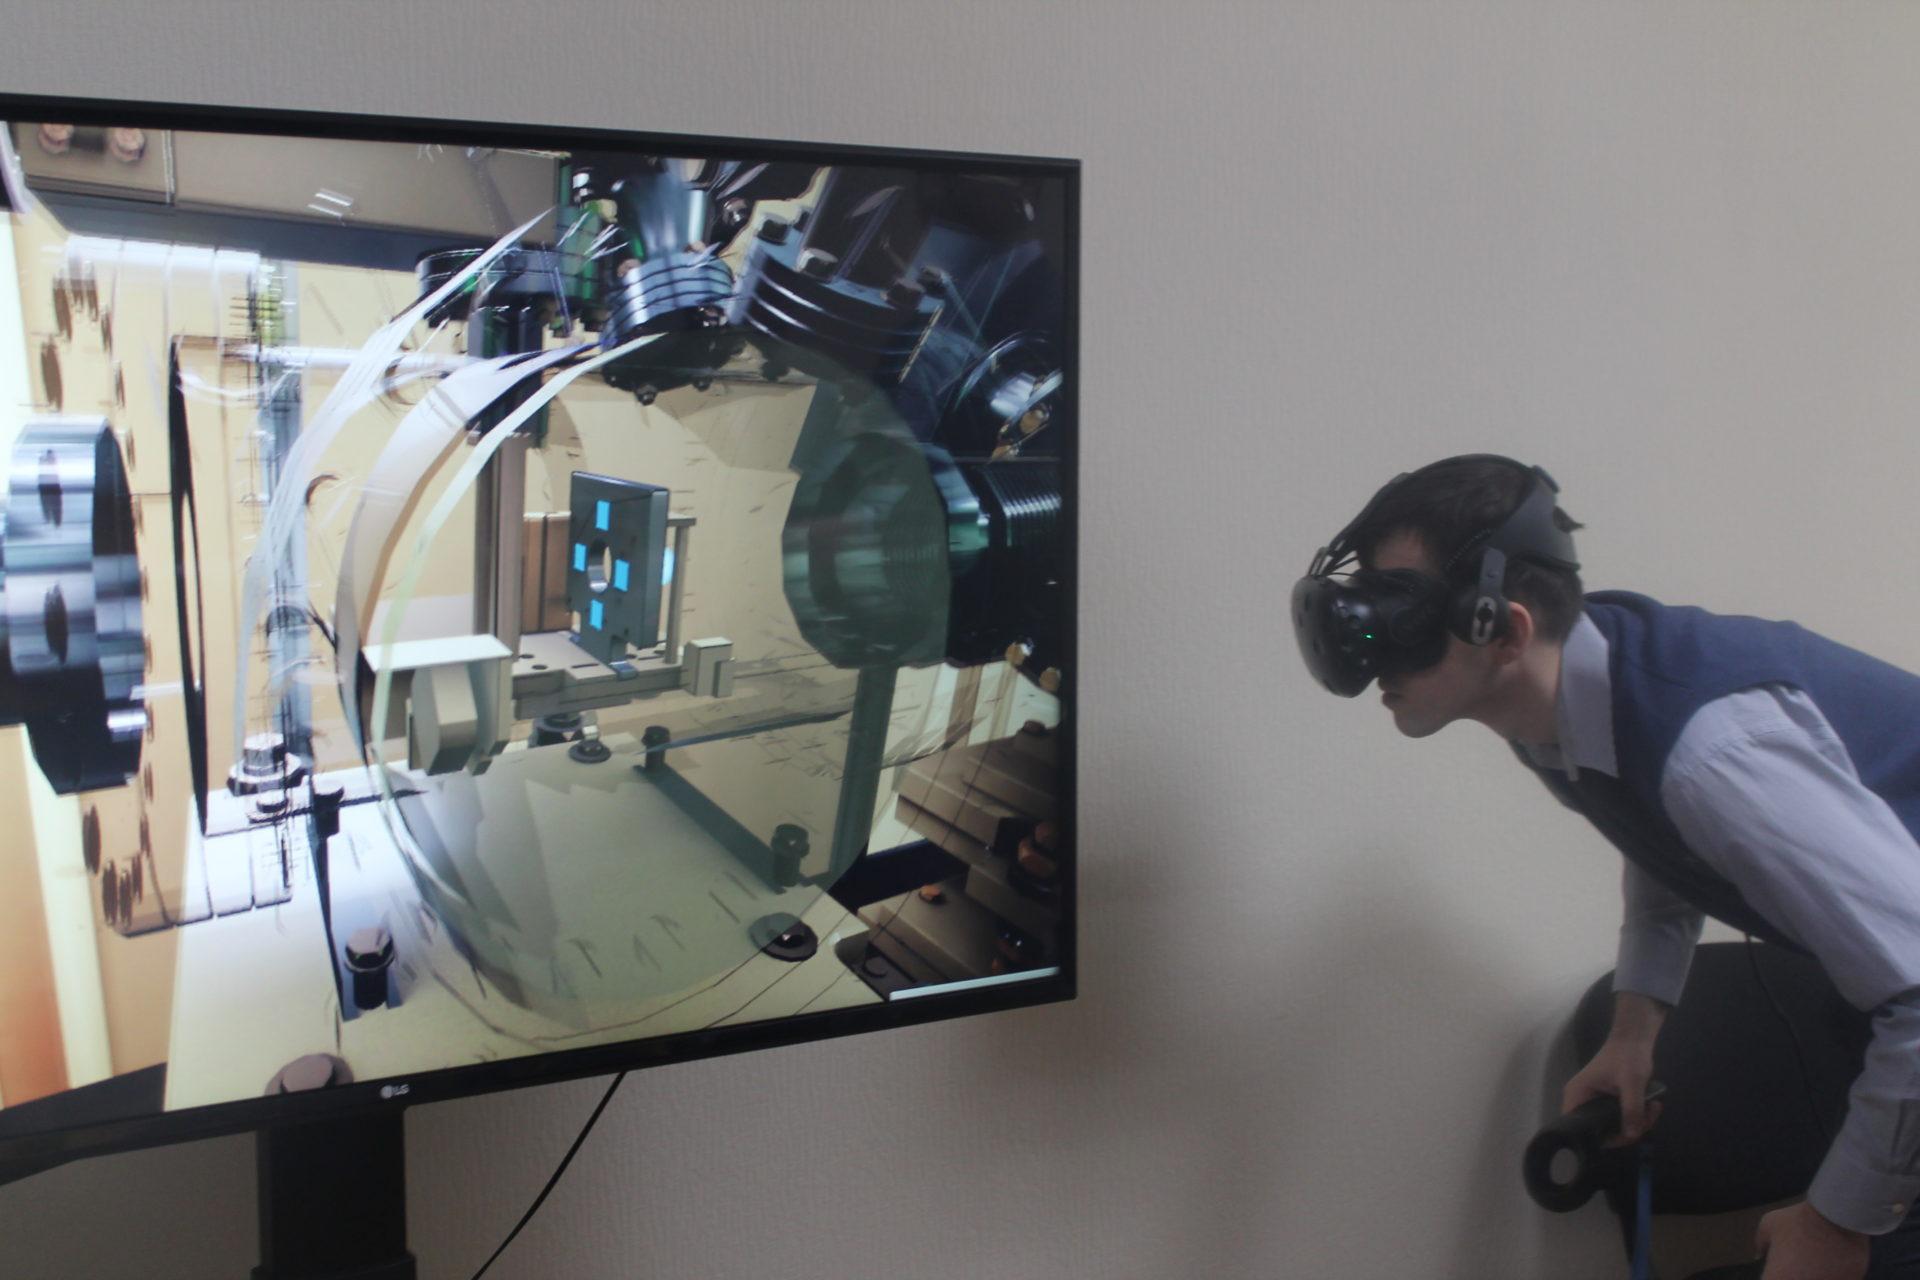 Александр Буда демонстрирует работу на виртуальном тренажере // Фото: Ольга Медведева, Городской репорте